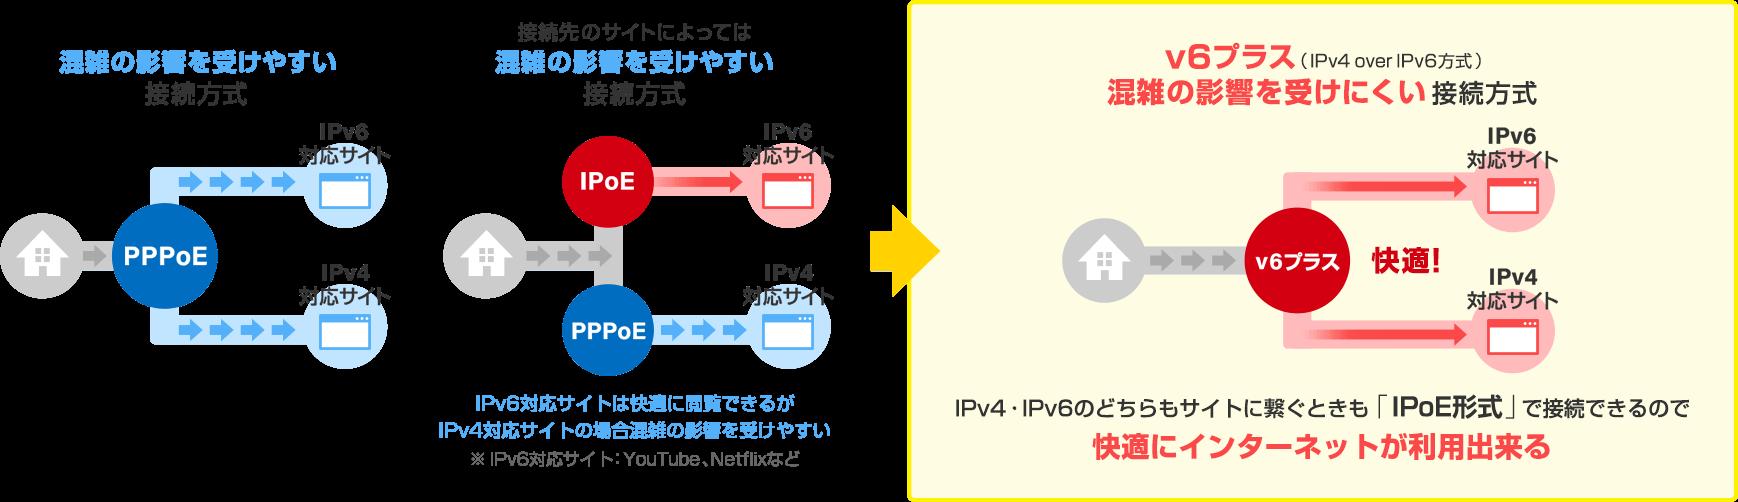 IPoE形式で快適にインターネットが利用出来る